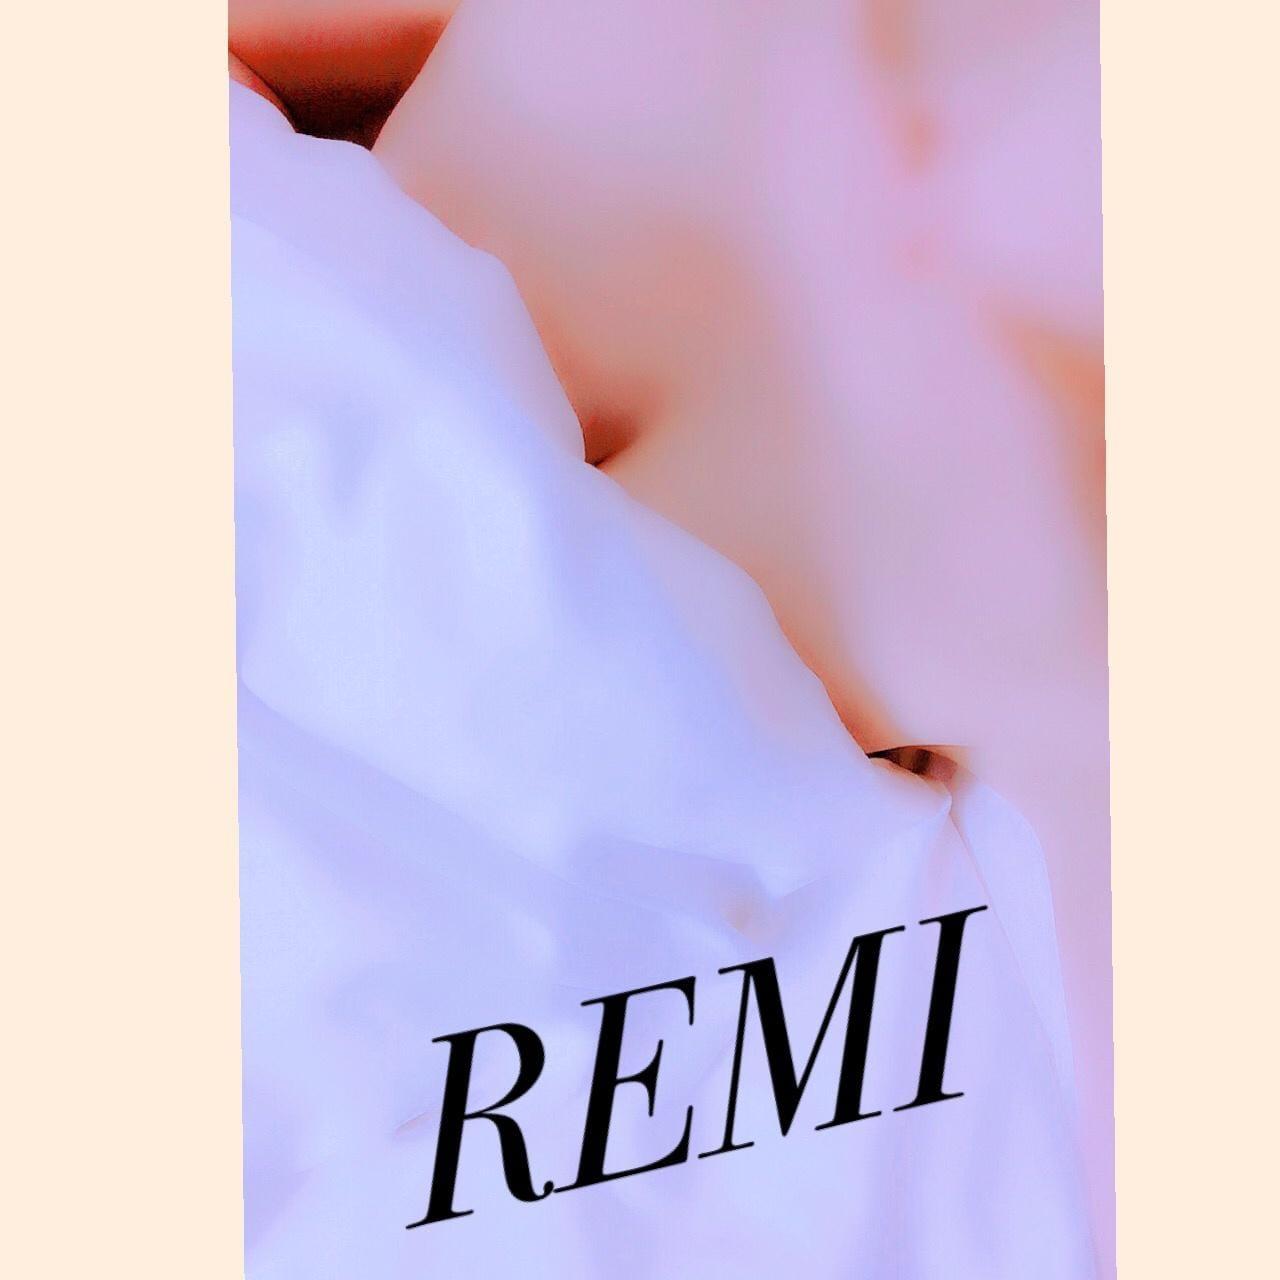 「おはようございます♡」10/18(10/18) 12:18 | レミの写メ・風俗動画